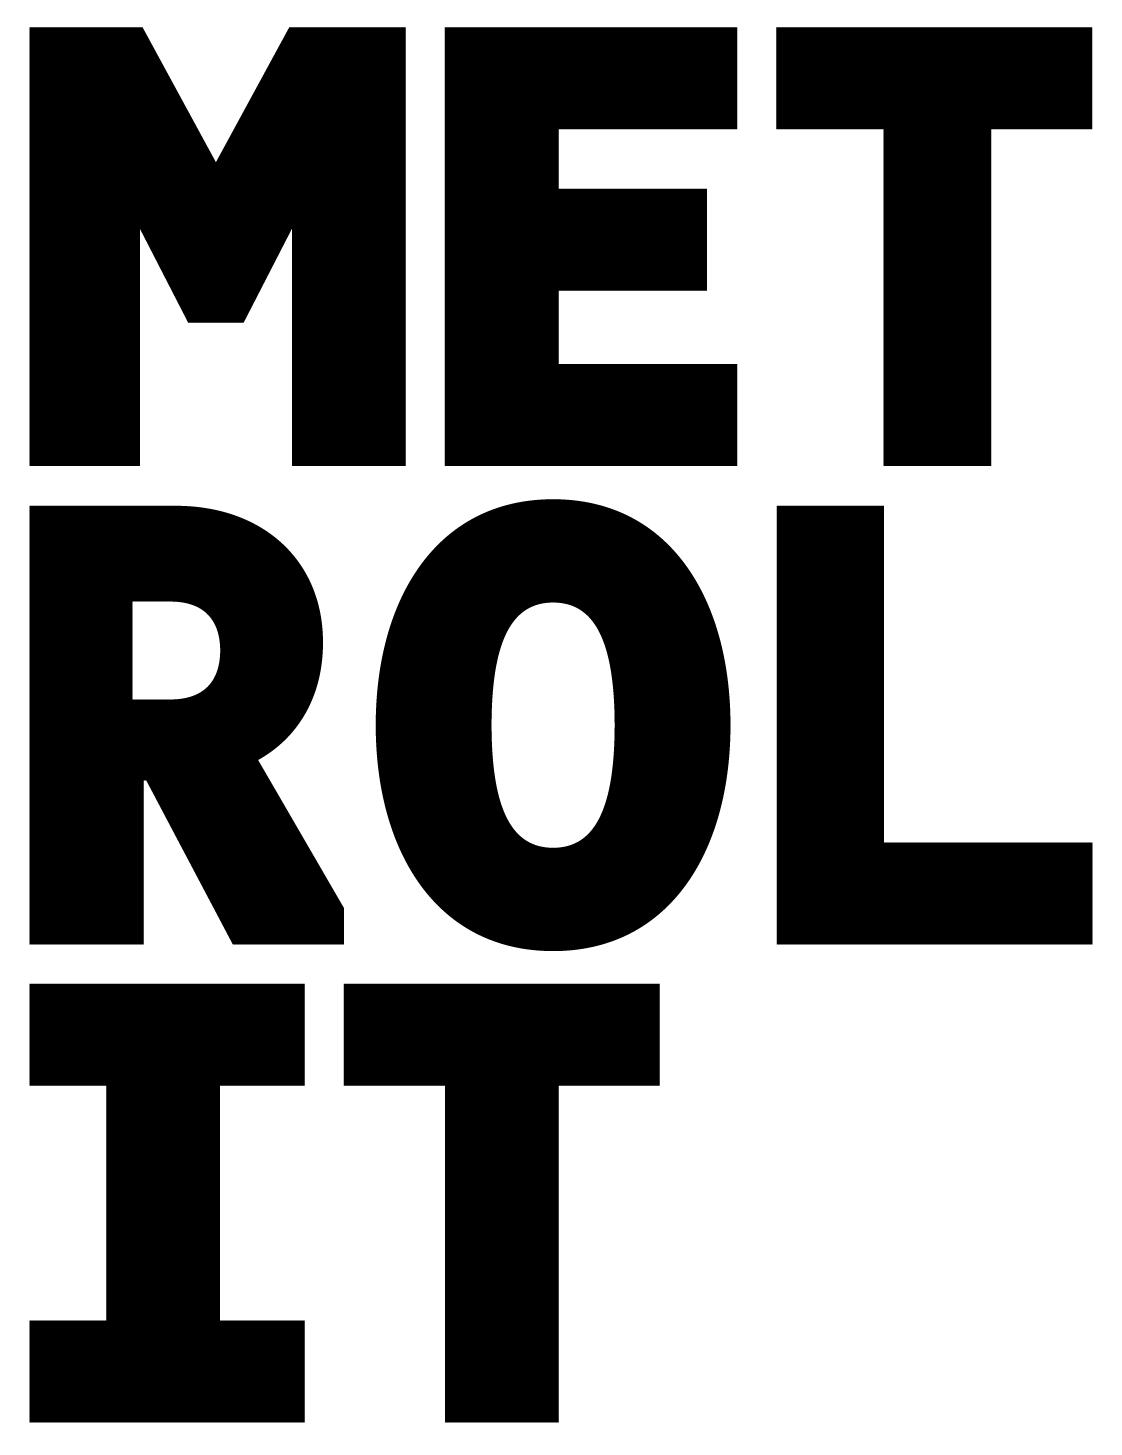 Klasse statt Masse? – Ein Interview mit Metrolit